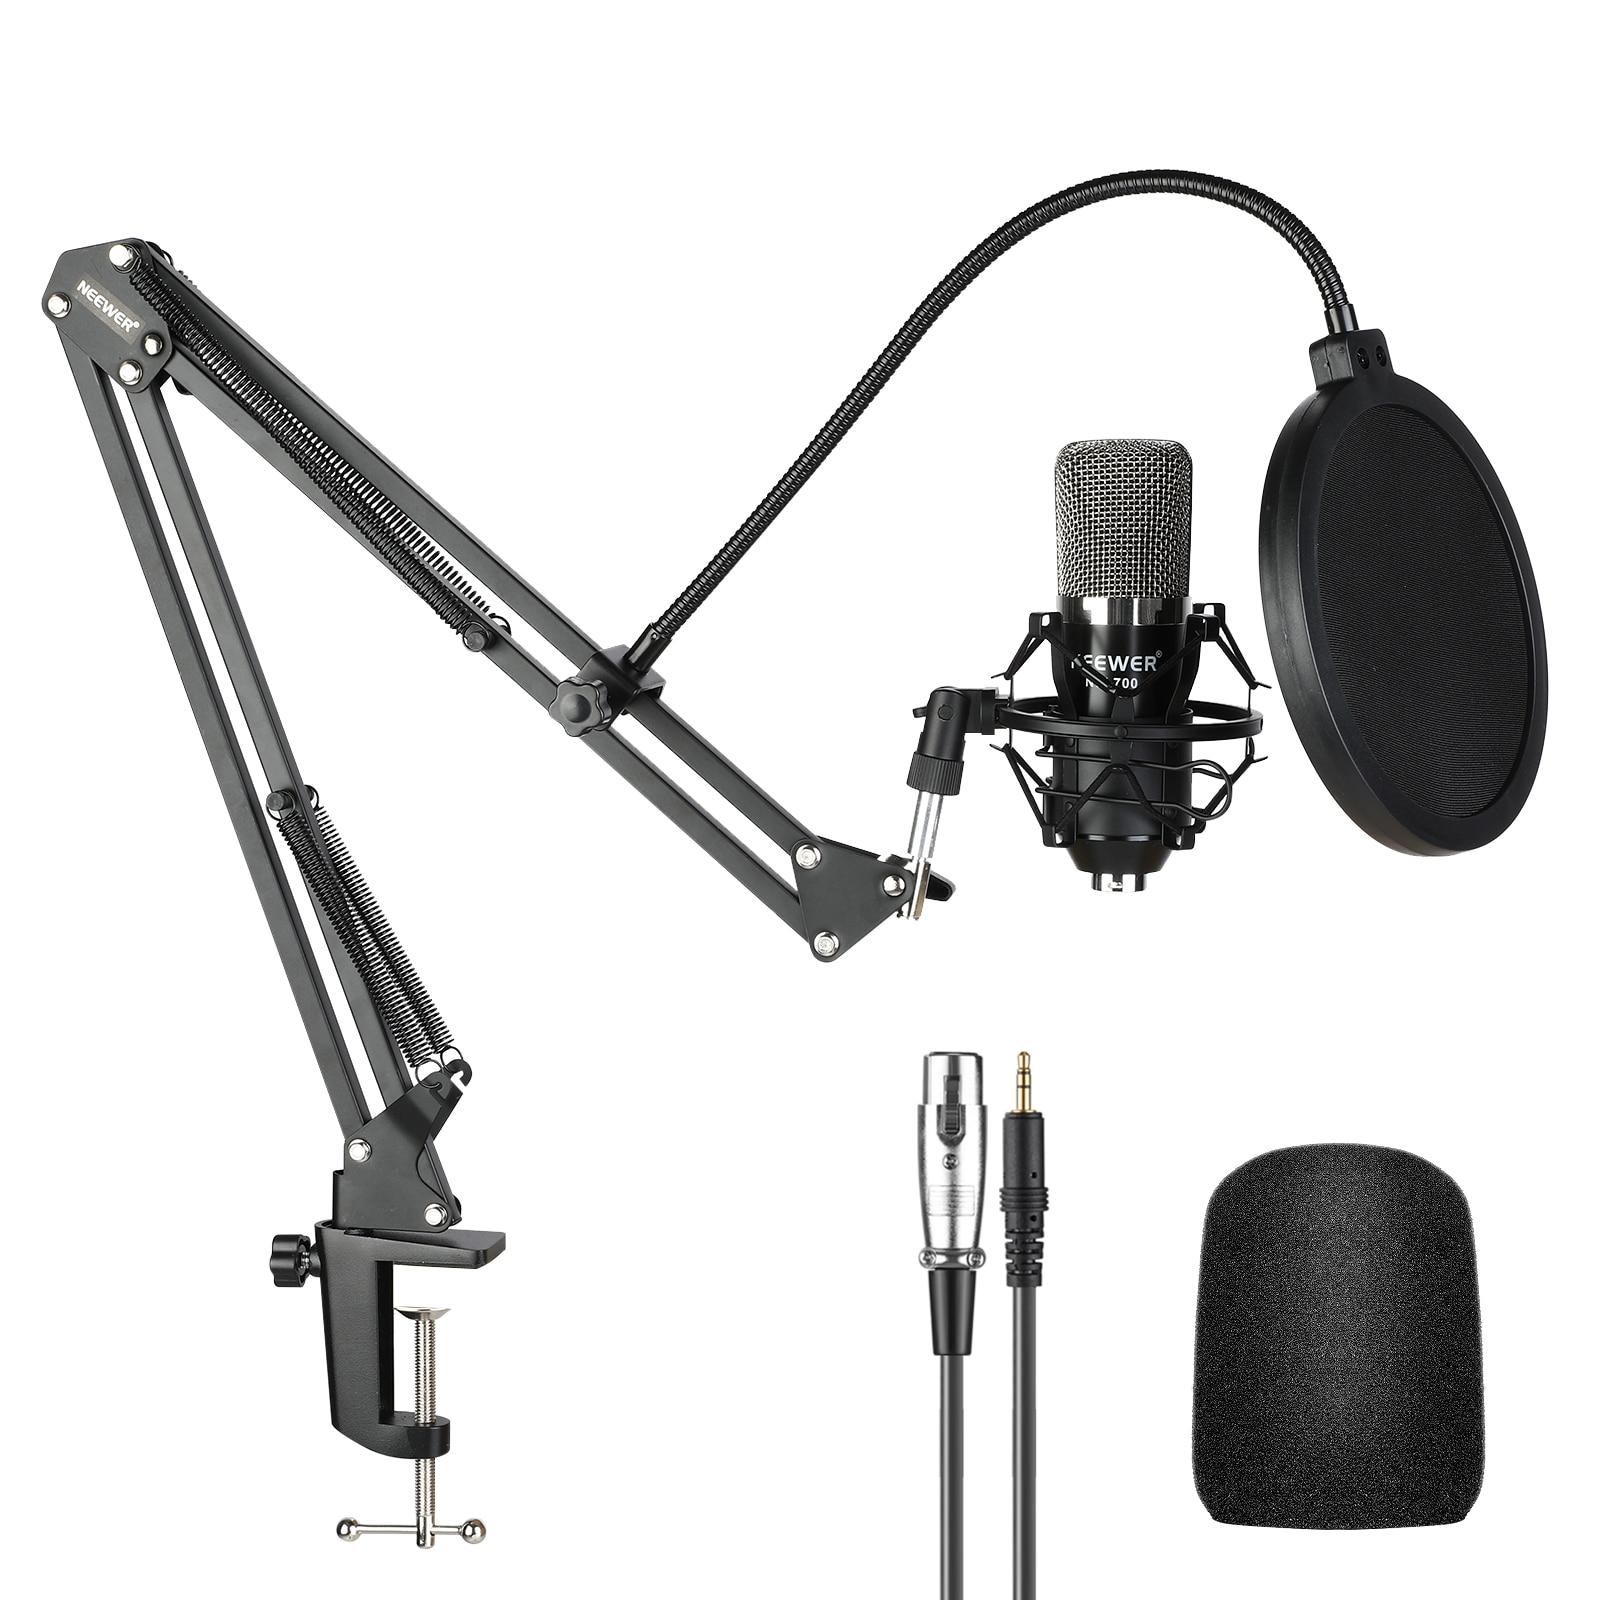 Студийный конденсаторный микрофон Neewer, набор для ПК, караоке, Youtube, профессиональная запись, радиовещание, микрофон с подставкой